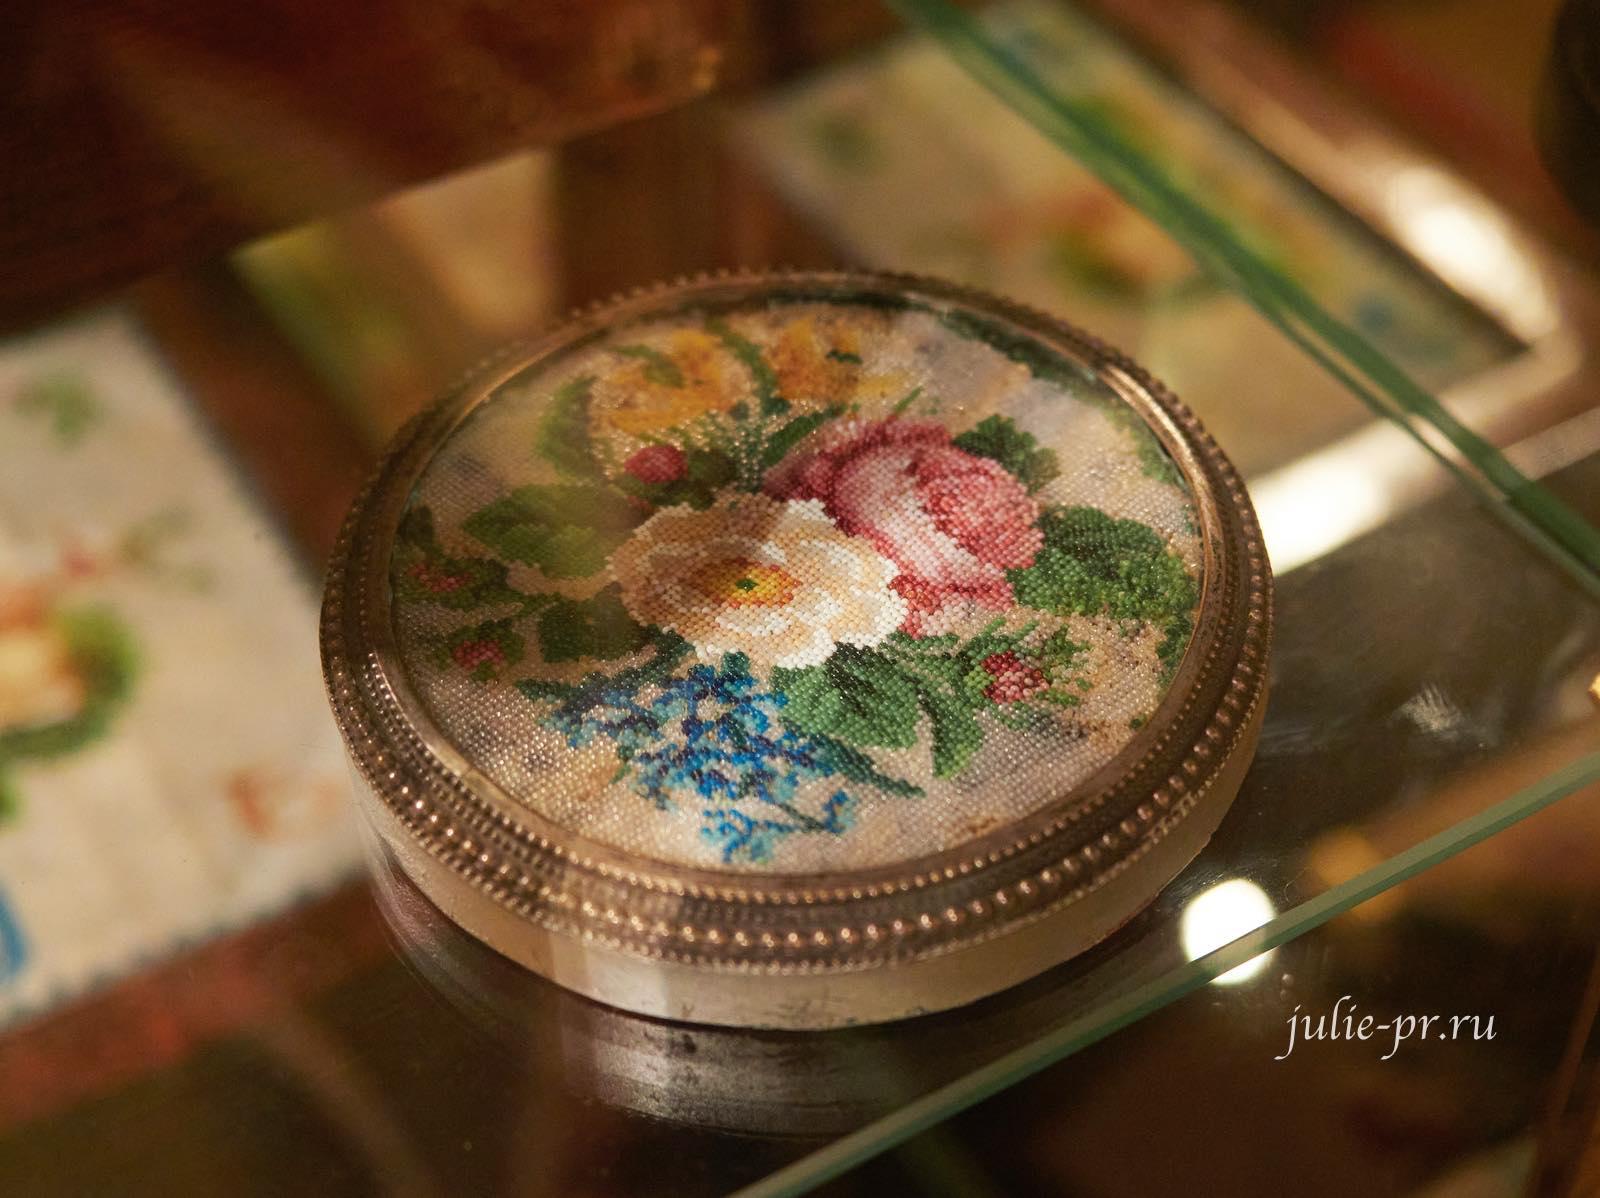 Композиция из роз, незабуток, маргариток, середина XIX века, Россия, вышивка бисером, выставка Старинные вышивки